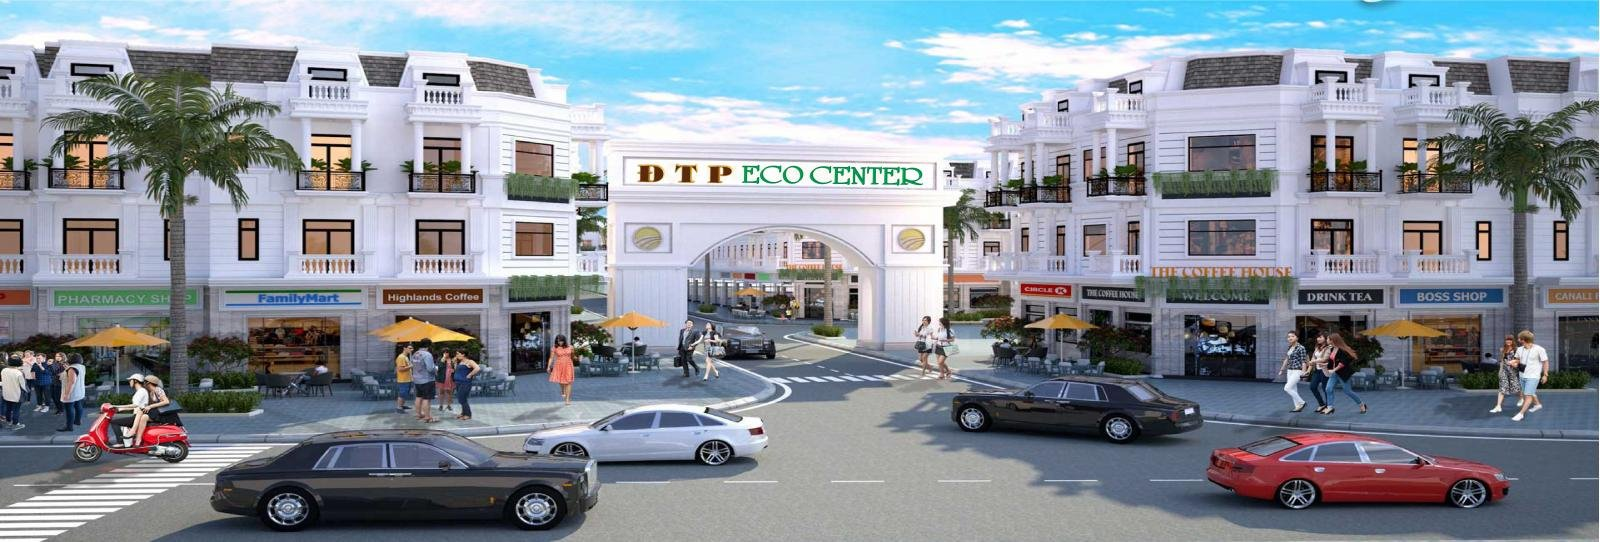 ĐTP Eco Center